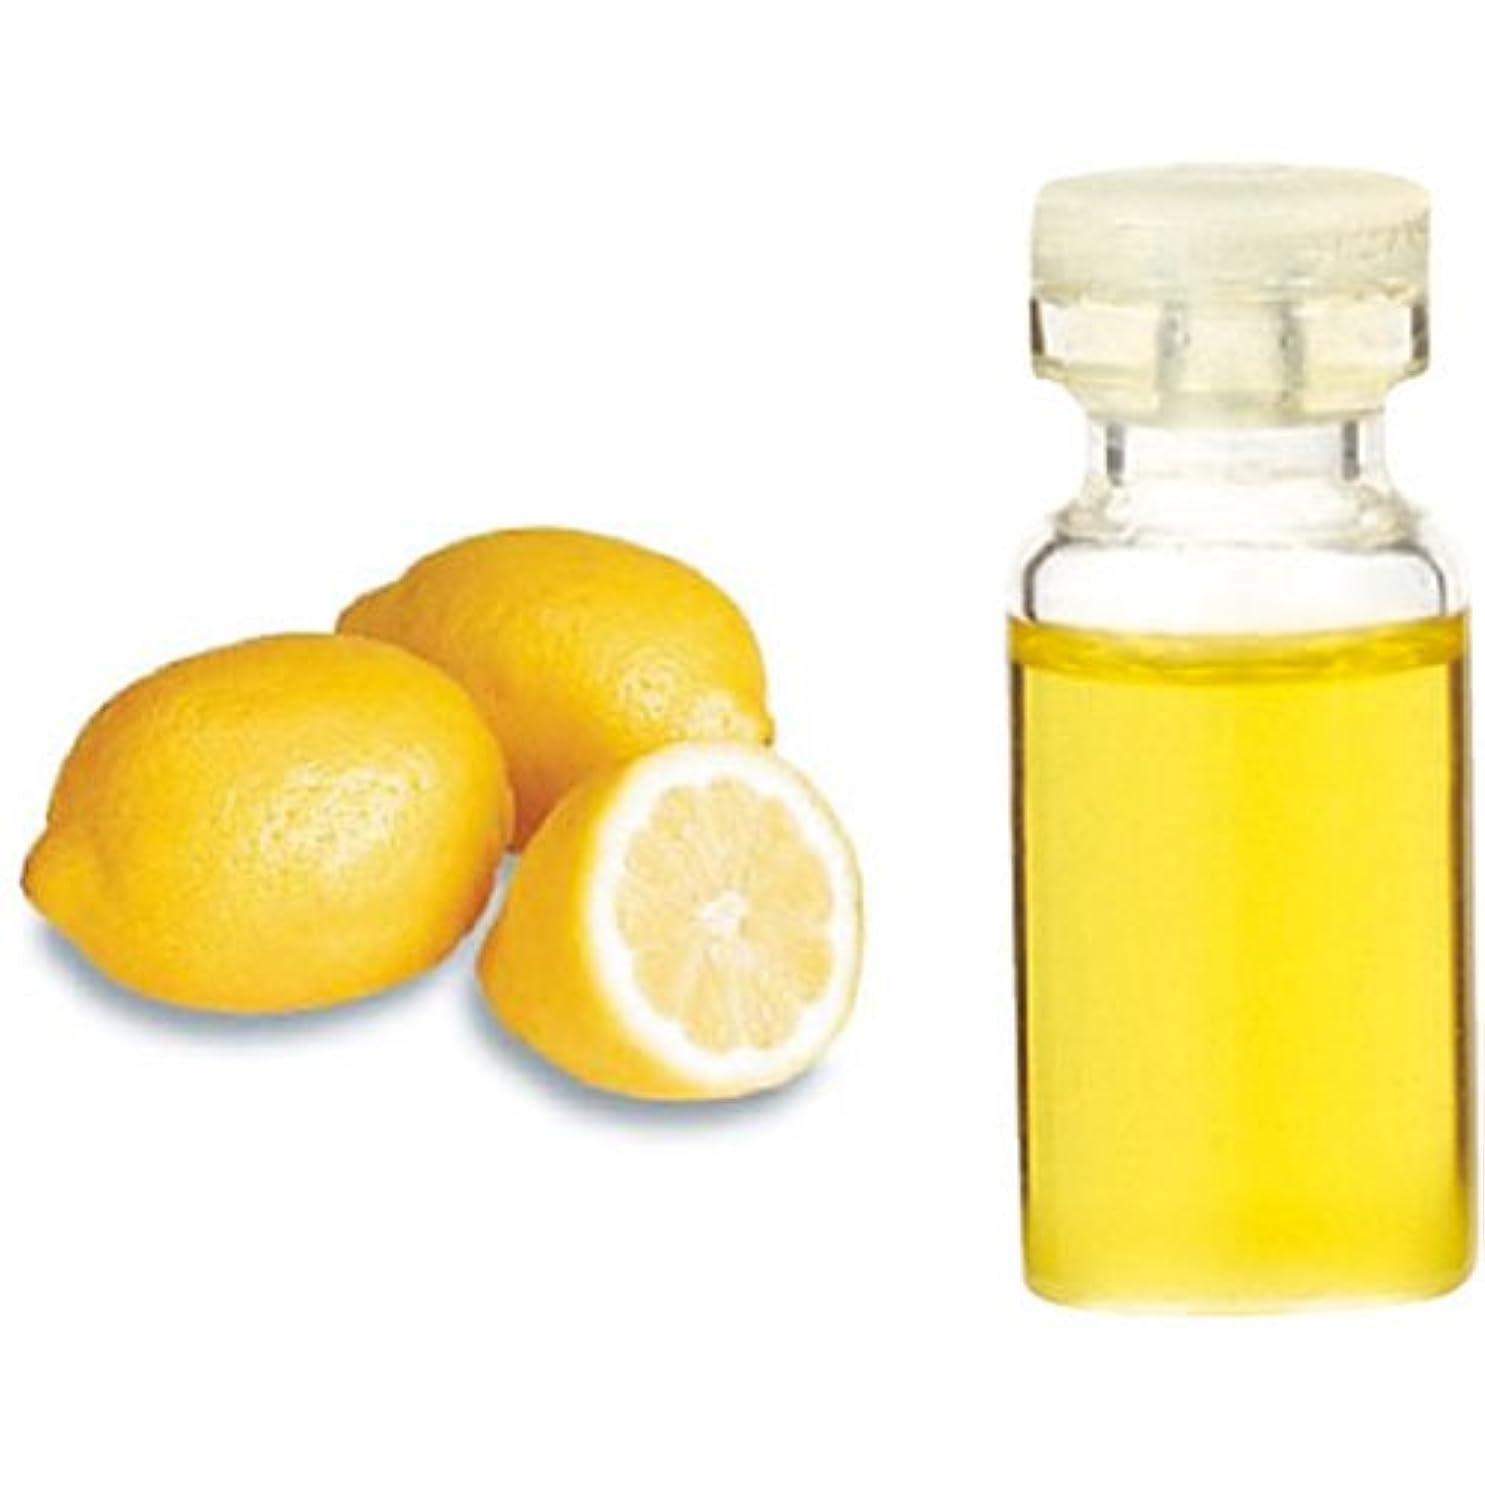 私たち自身製油所指紋生活の木 C レモン エッセンシャルオイル 10ml